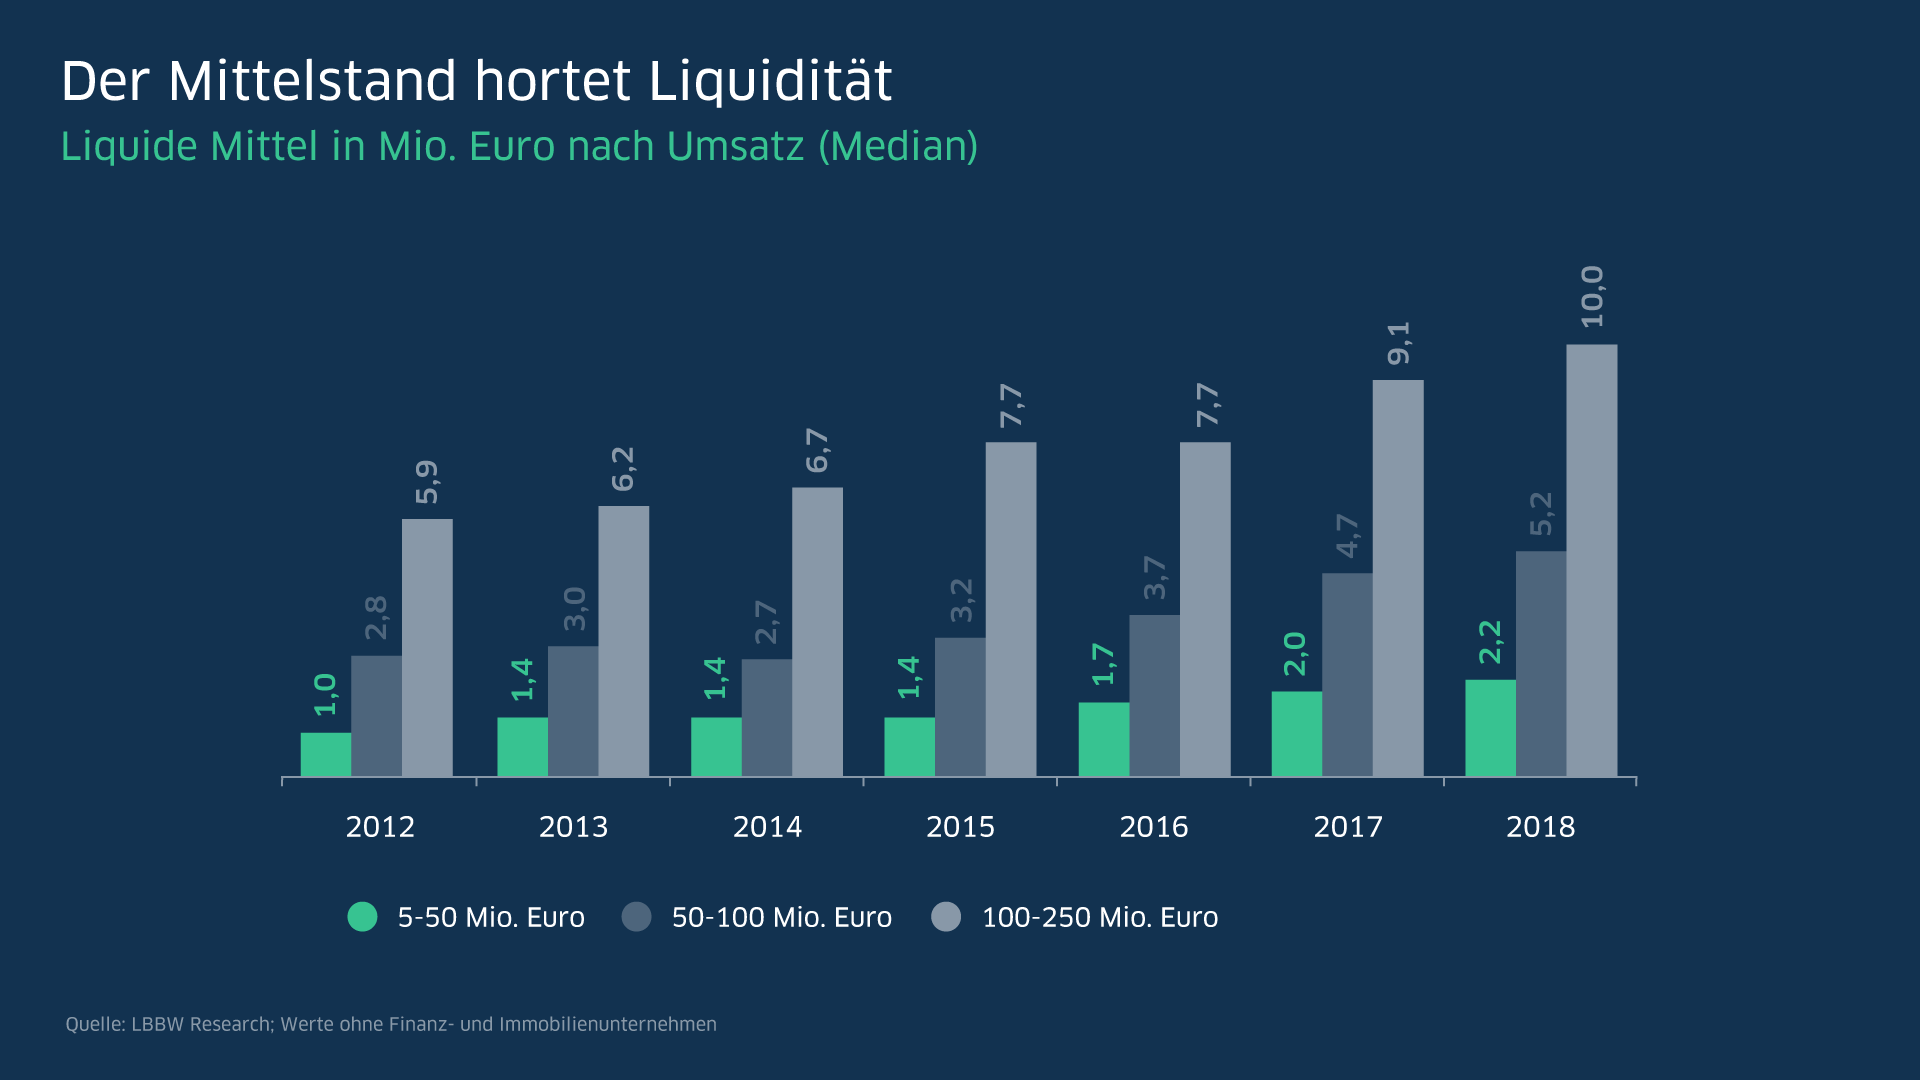 Der Mittelstand hortet Liquidität